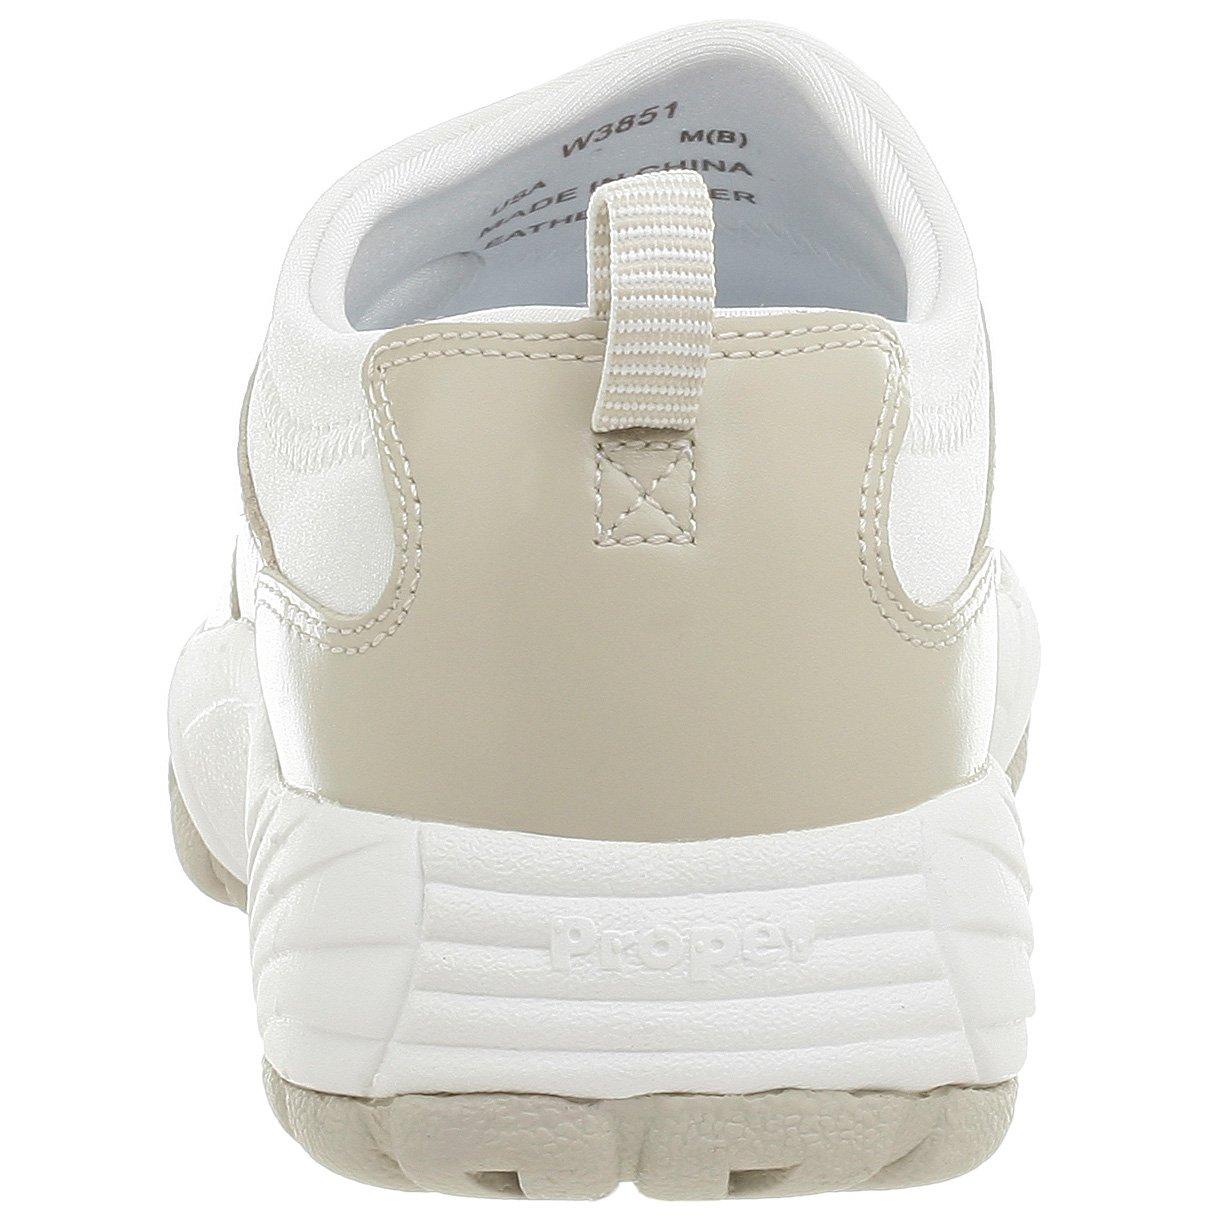 Propet Women's W3851 Wash & Wear Slip-On Women's B000PYH7TS 9.5 XX (US Women's Slip-On 9.5 EEEE)|Bone/White 179812